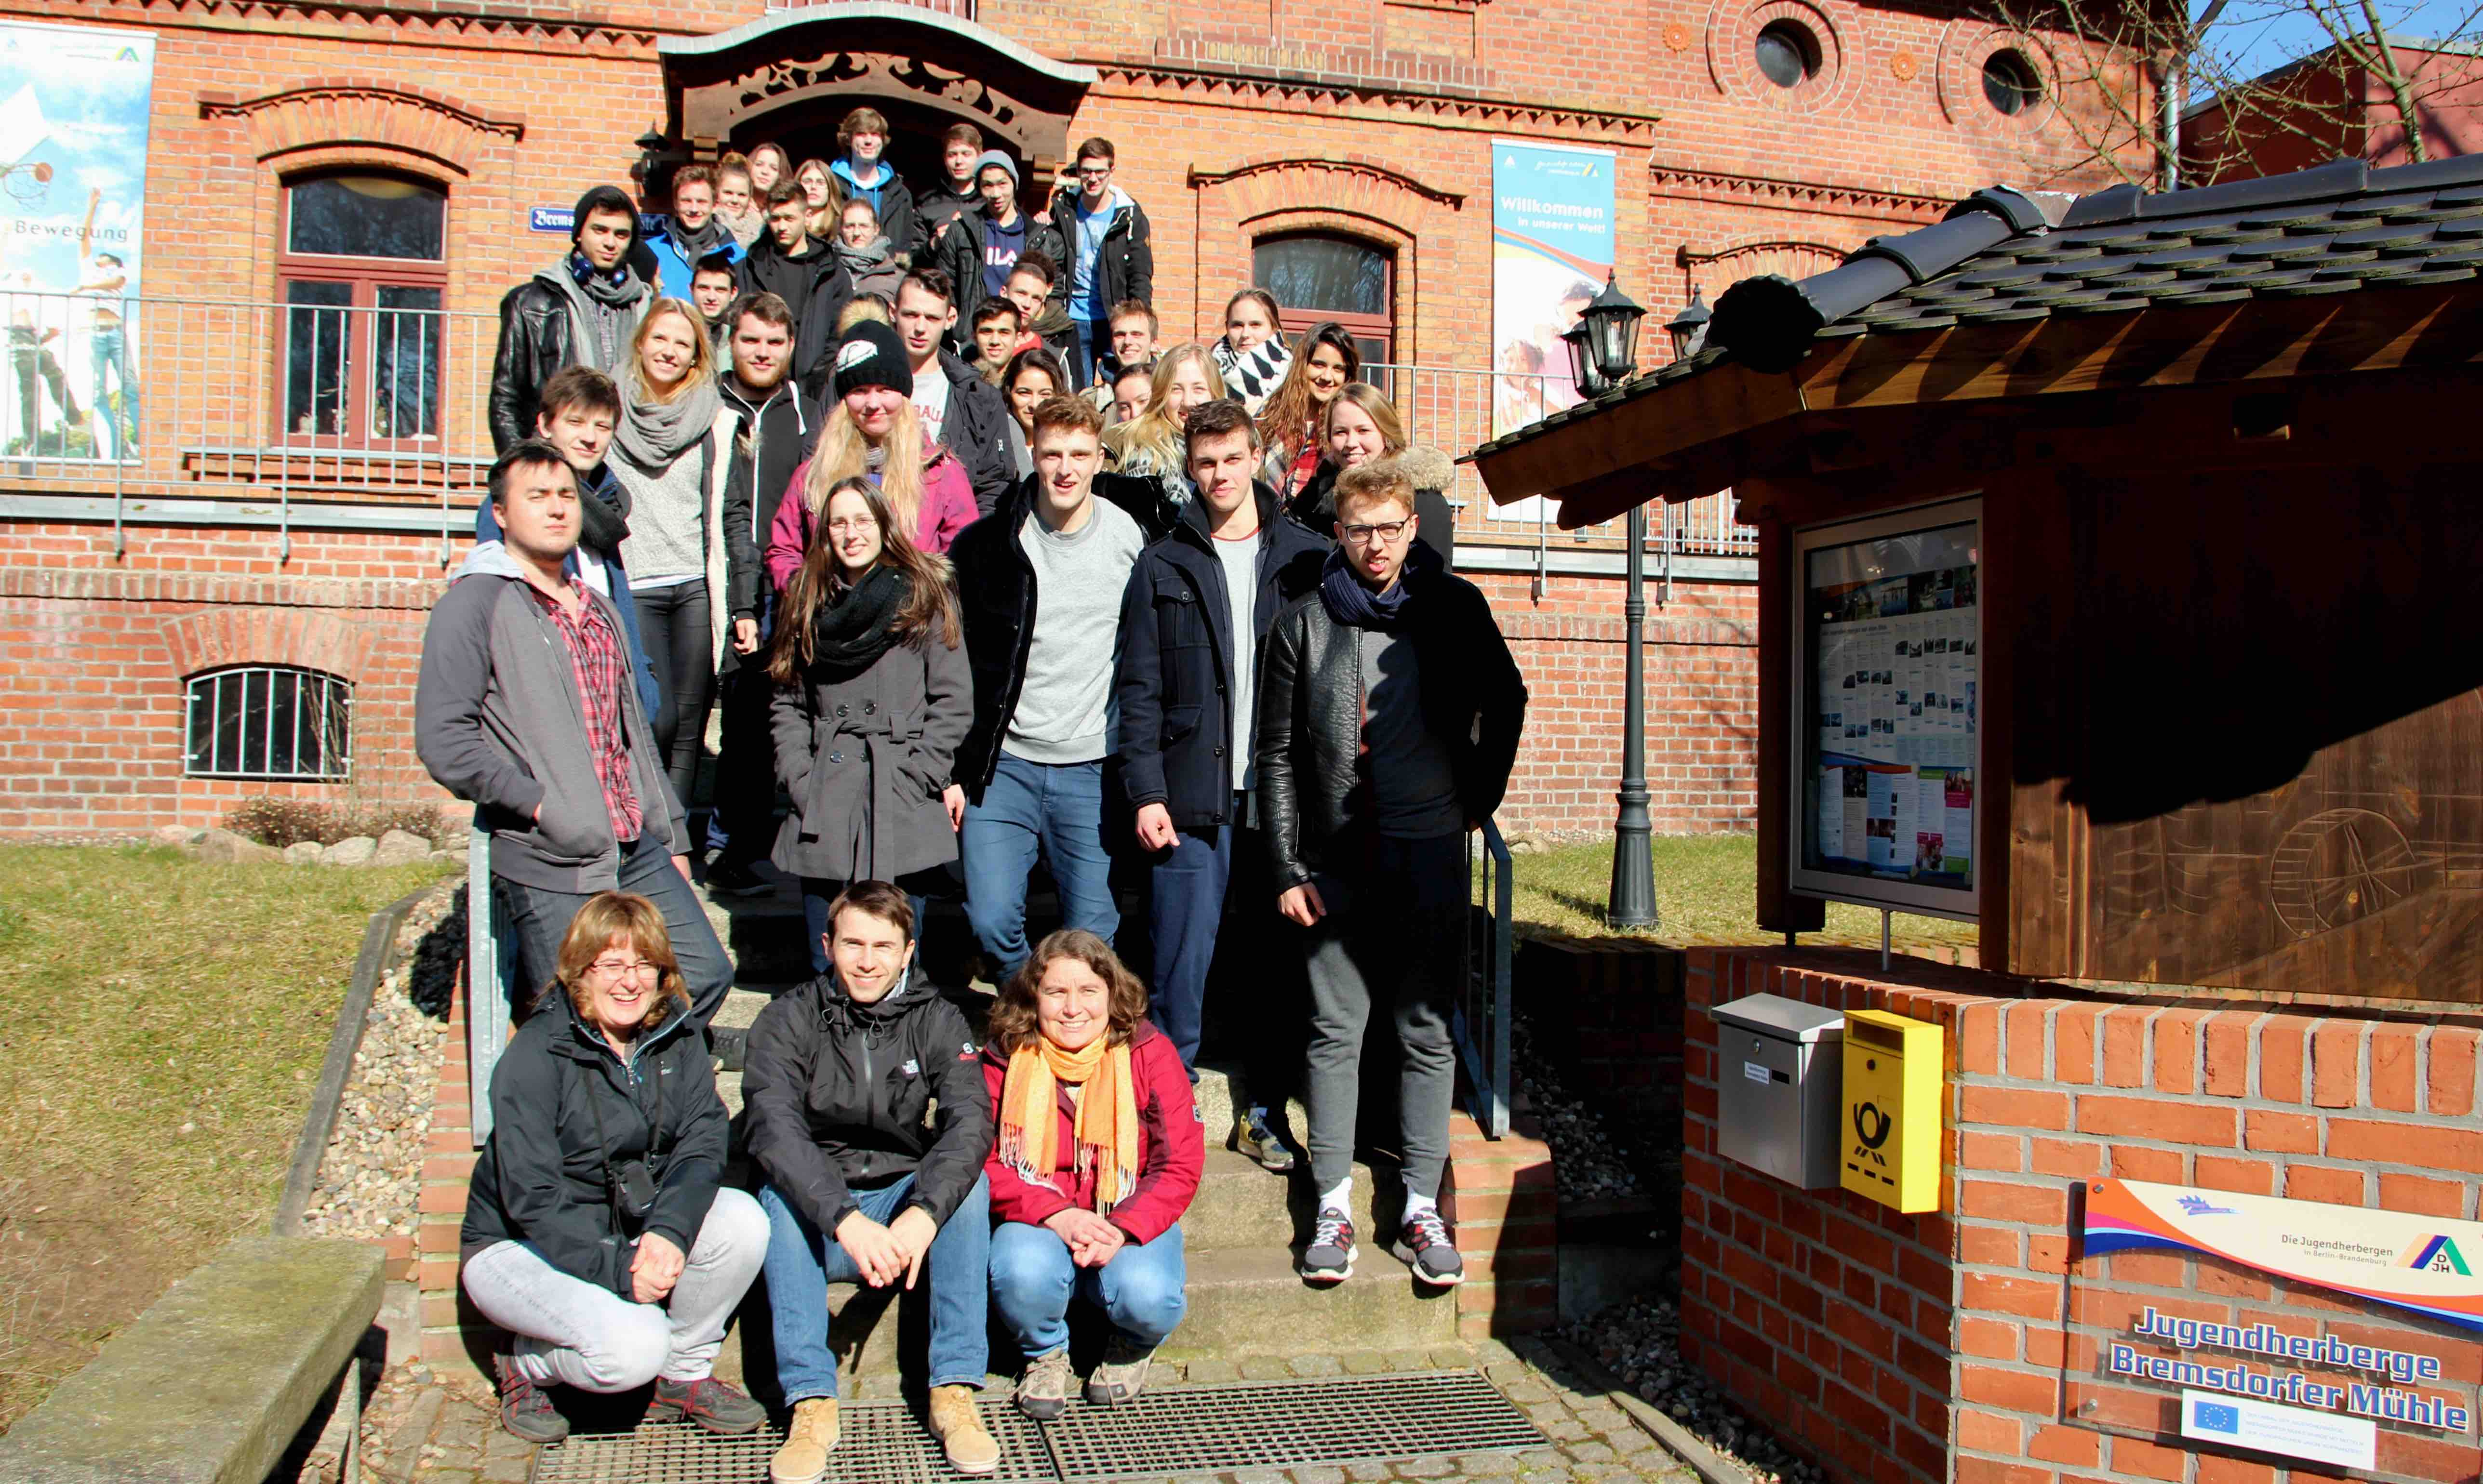 http://www.steingymnasium.de/wp-content/uploads/2015/03/Gruppenfoto.jpg